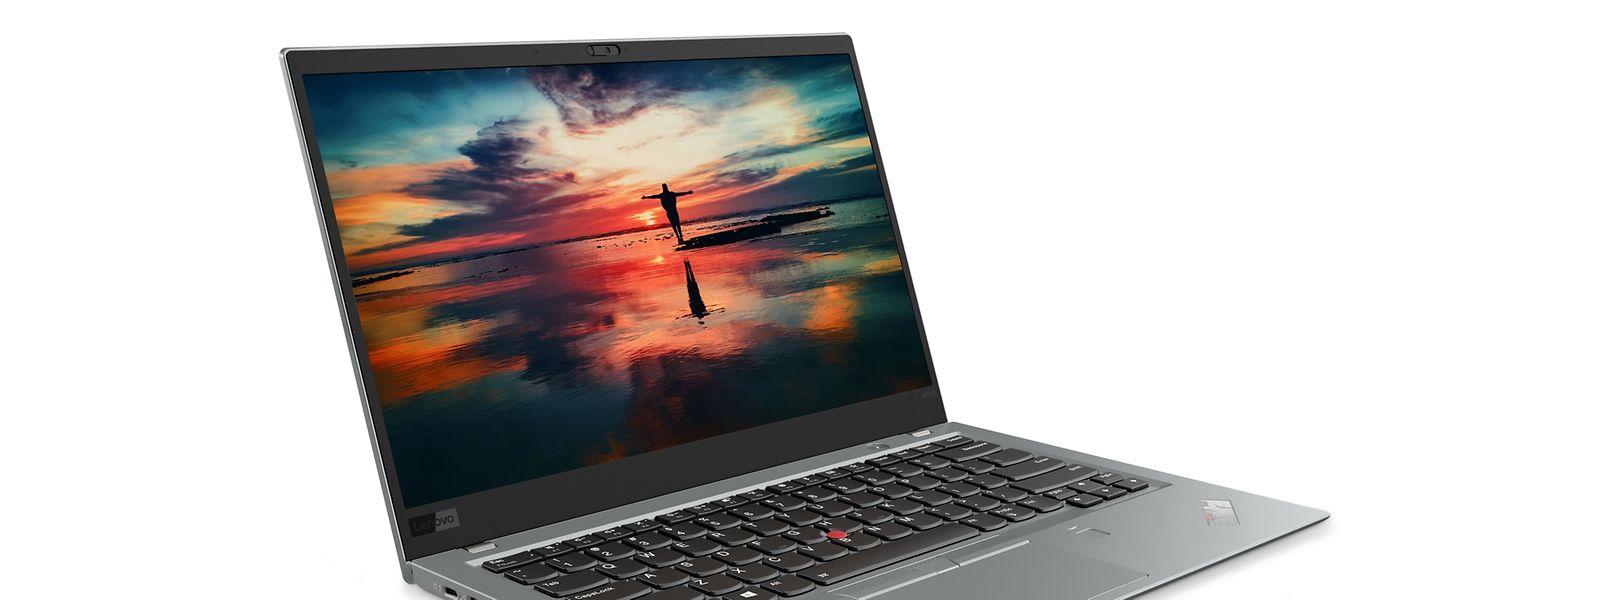 Lenovos Thinkpad X1 Carbon hat ein widerstandsfähiges Gehäuse aus Kohlefasern.